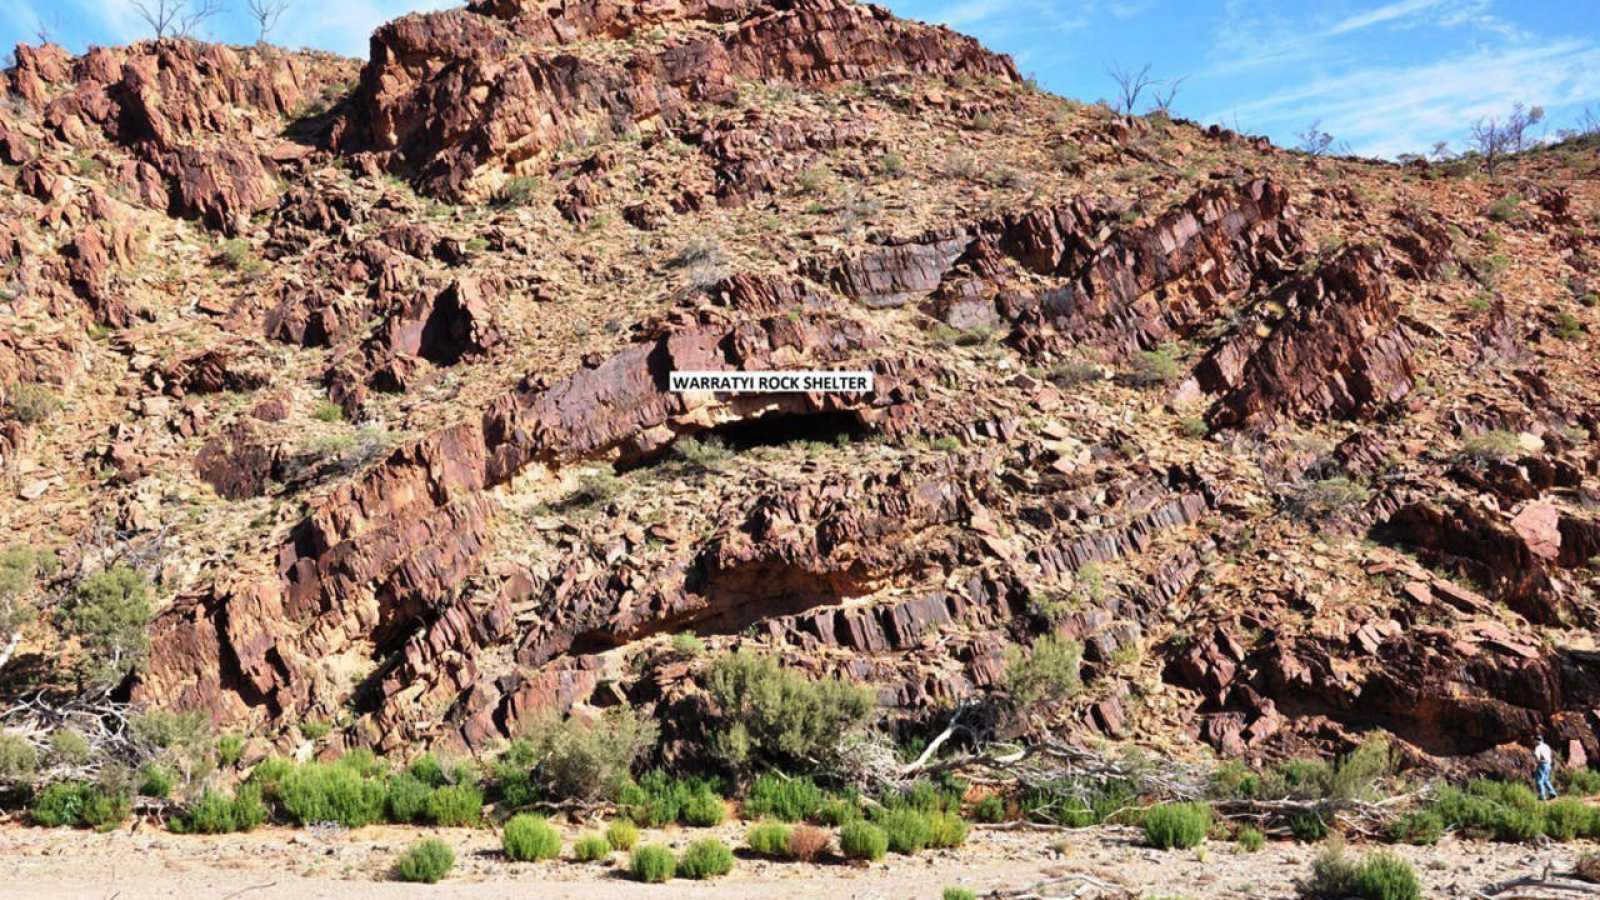 Imagen del refugio rocoso de Warratyi, en una garganta de la zona conocida como Flinders Ranges.